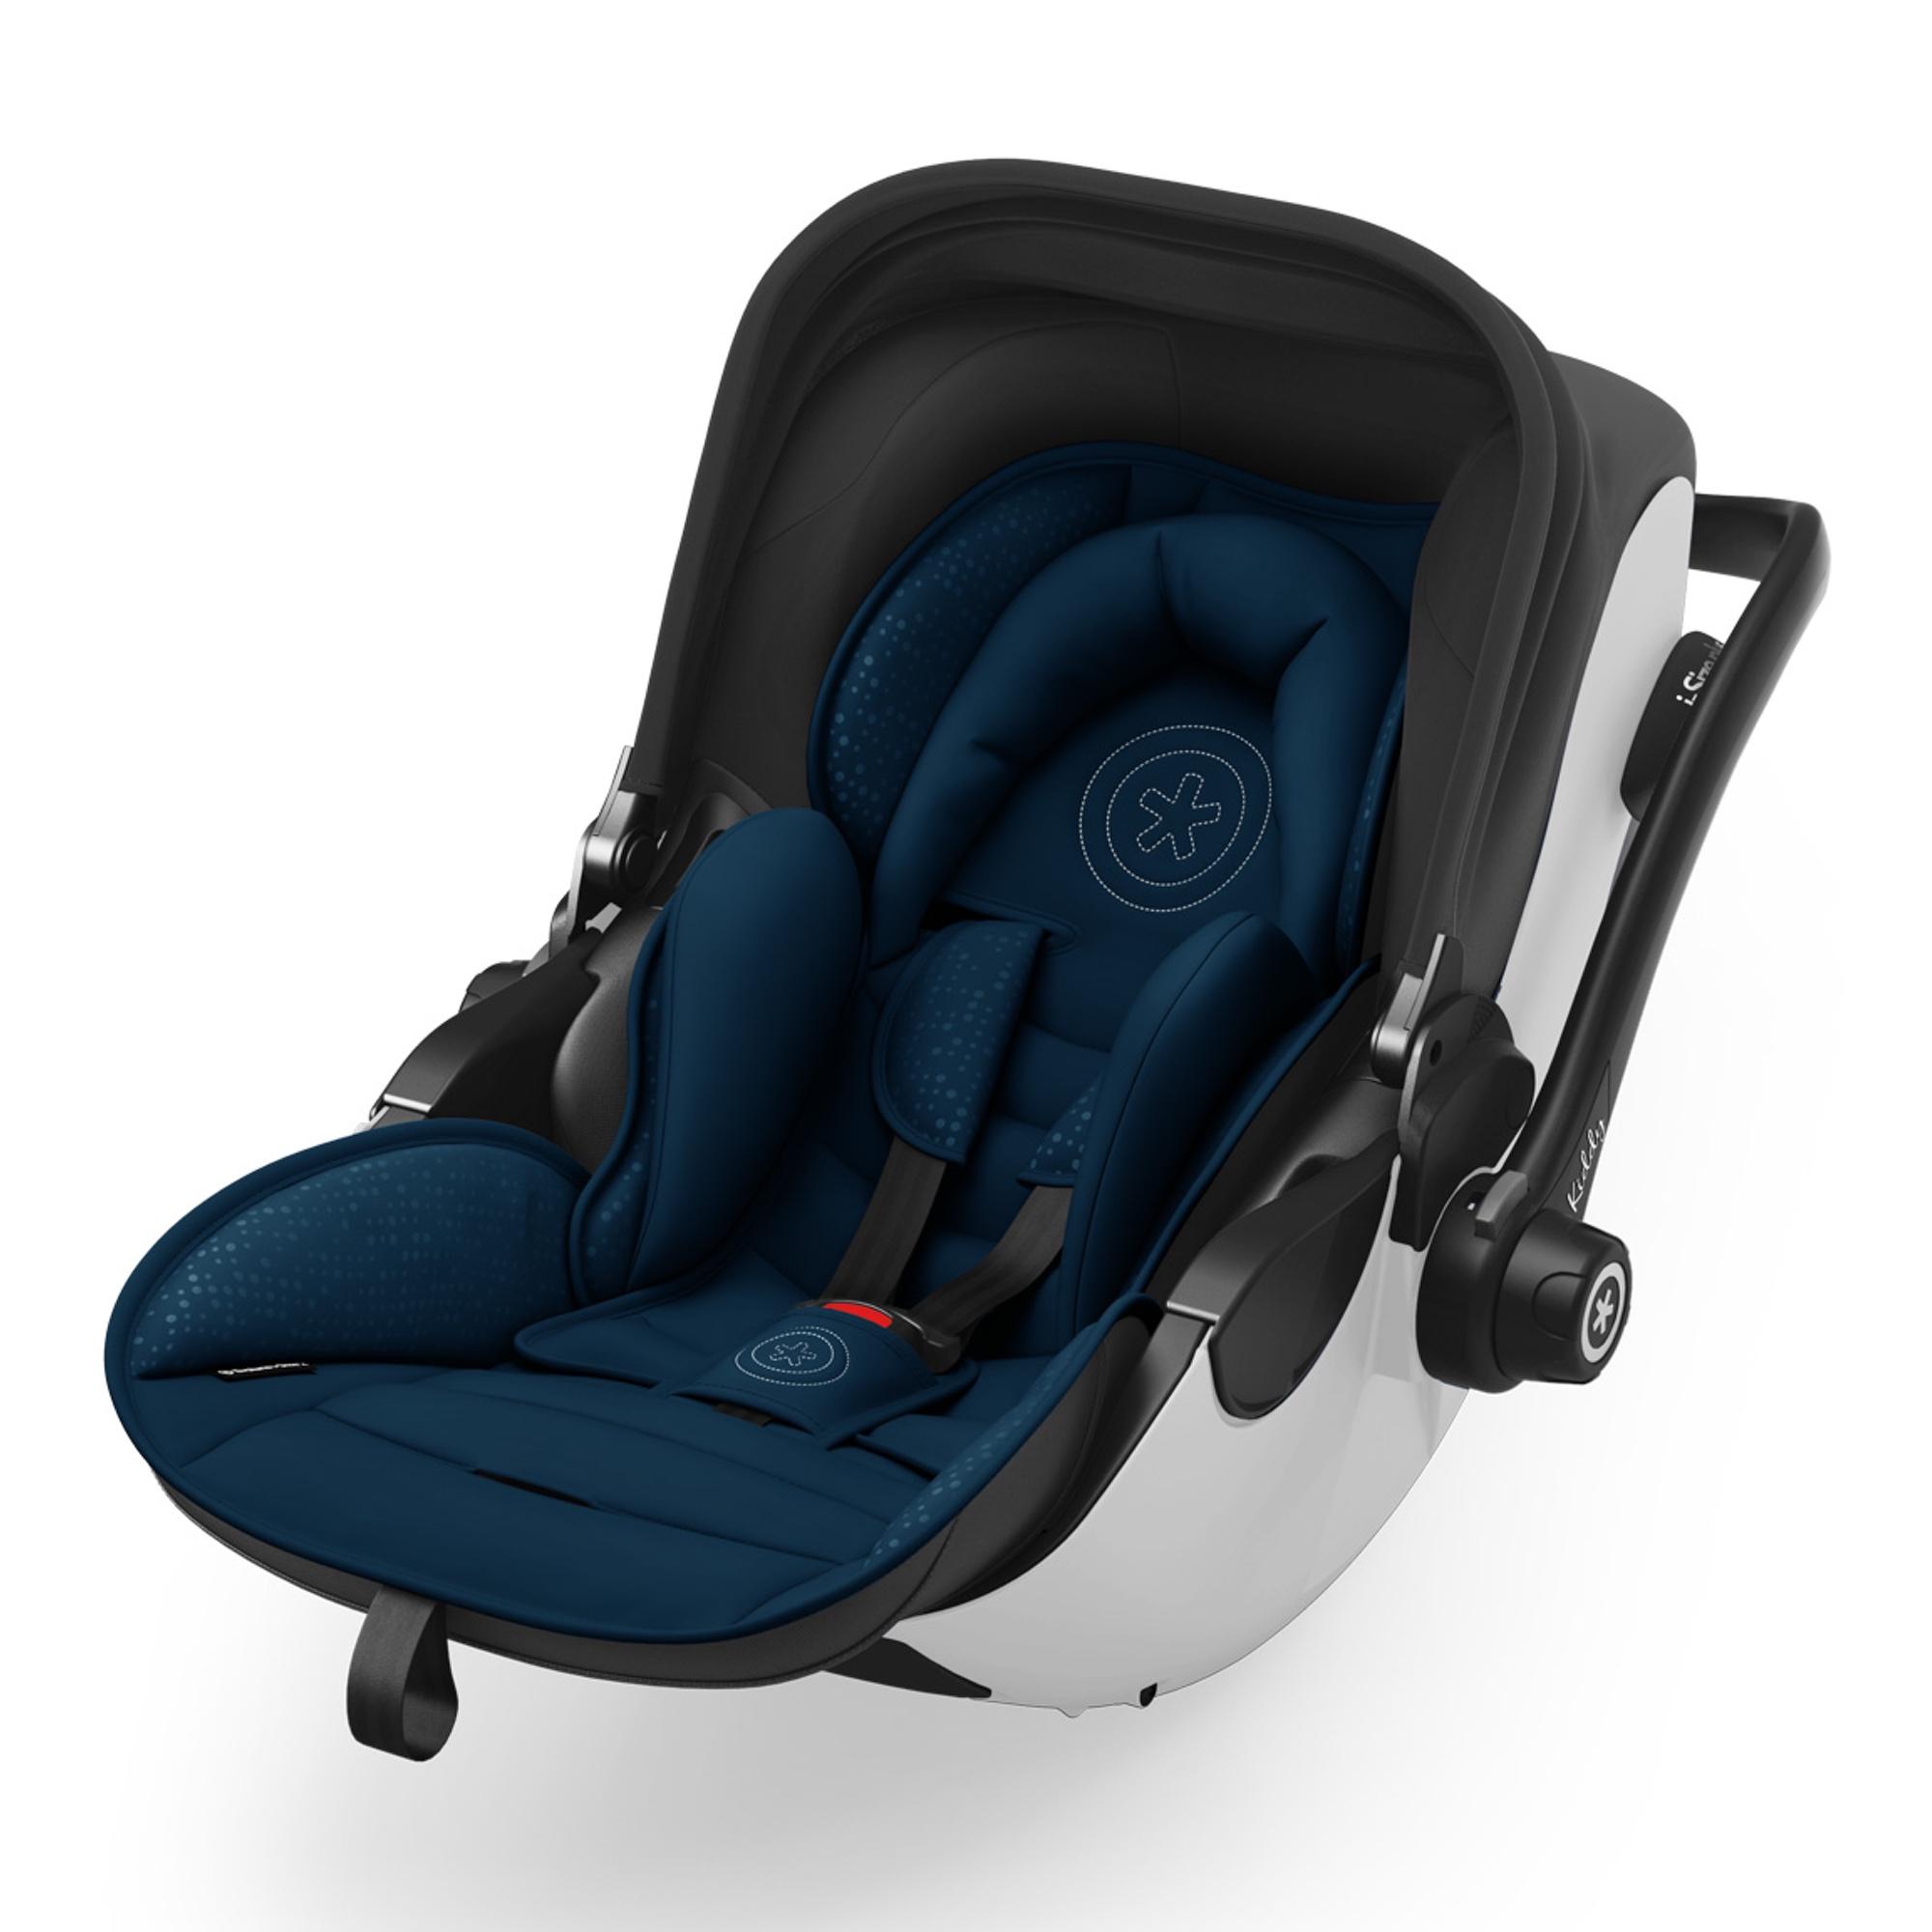 sichere babyschalen von besafe concord und cybex die. Black Bedroom Furniture Sets. Home Design Ideas